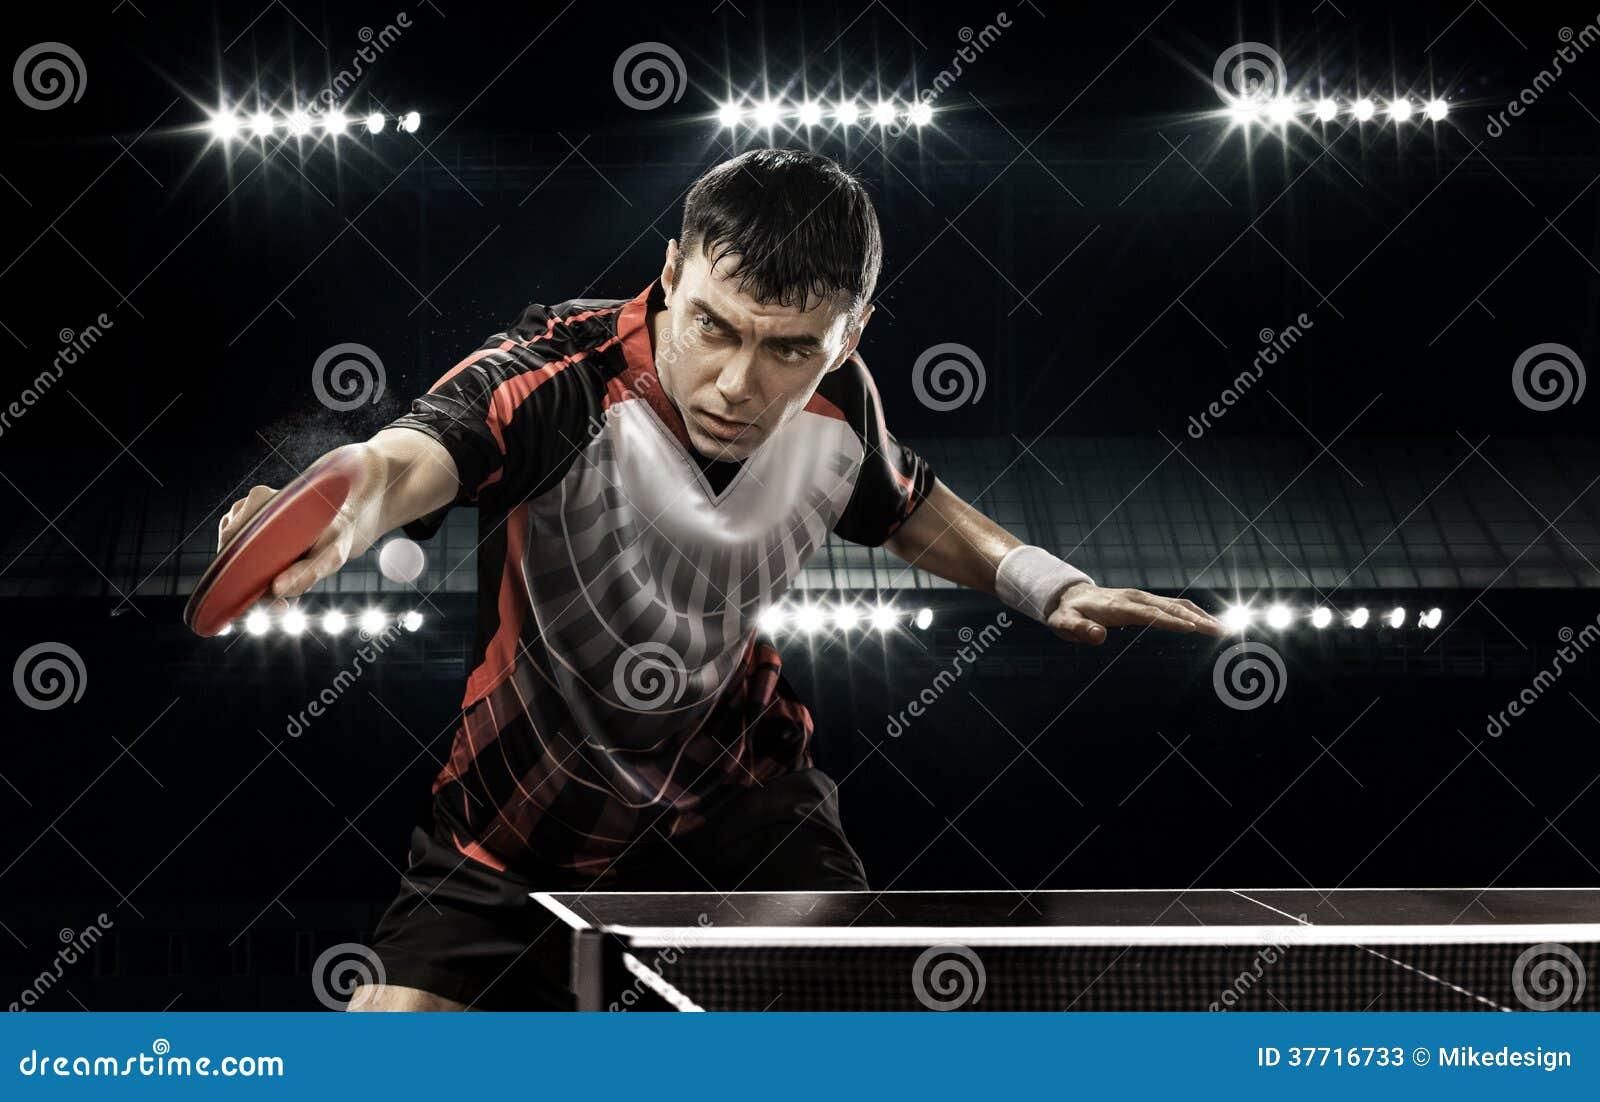 Jogador de tênis do homem dos esportes no fundo preto